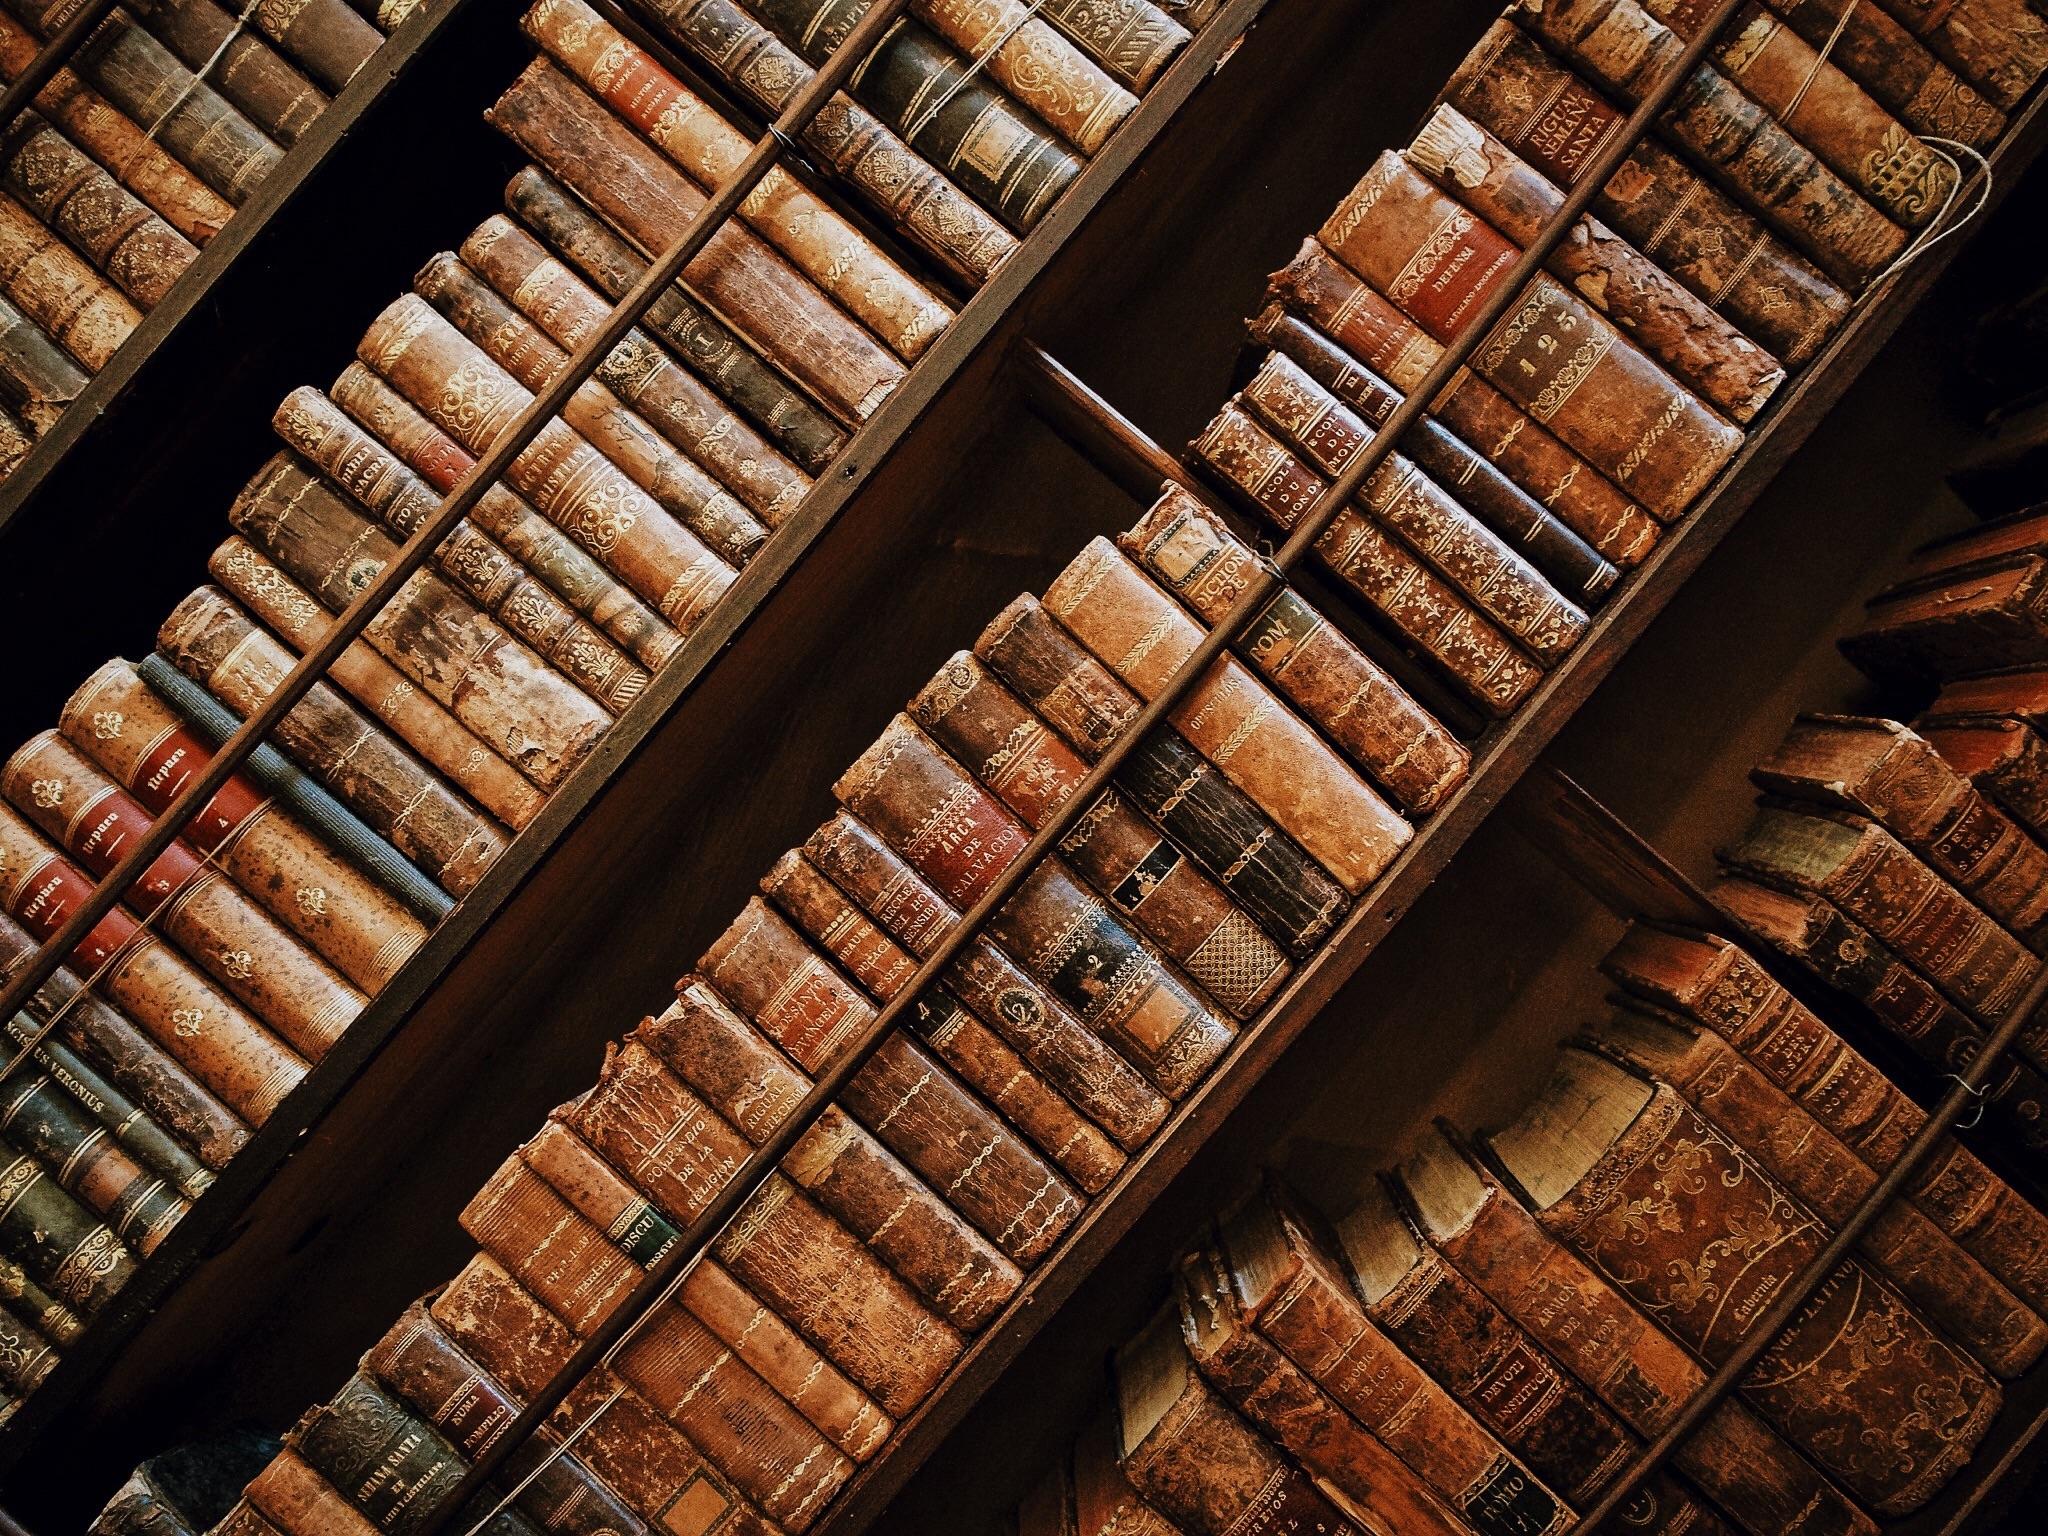 картинки древние книги обои того, что